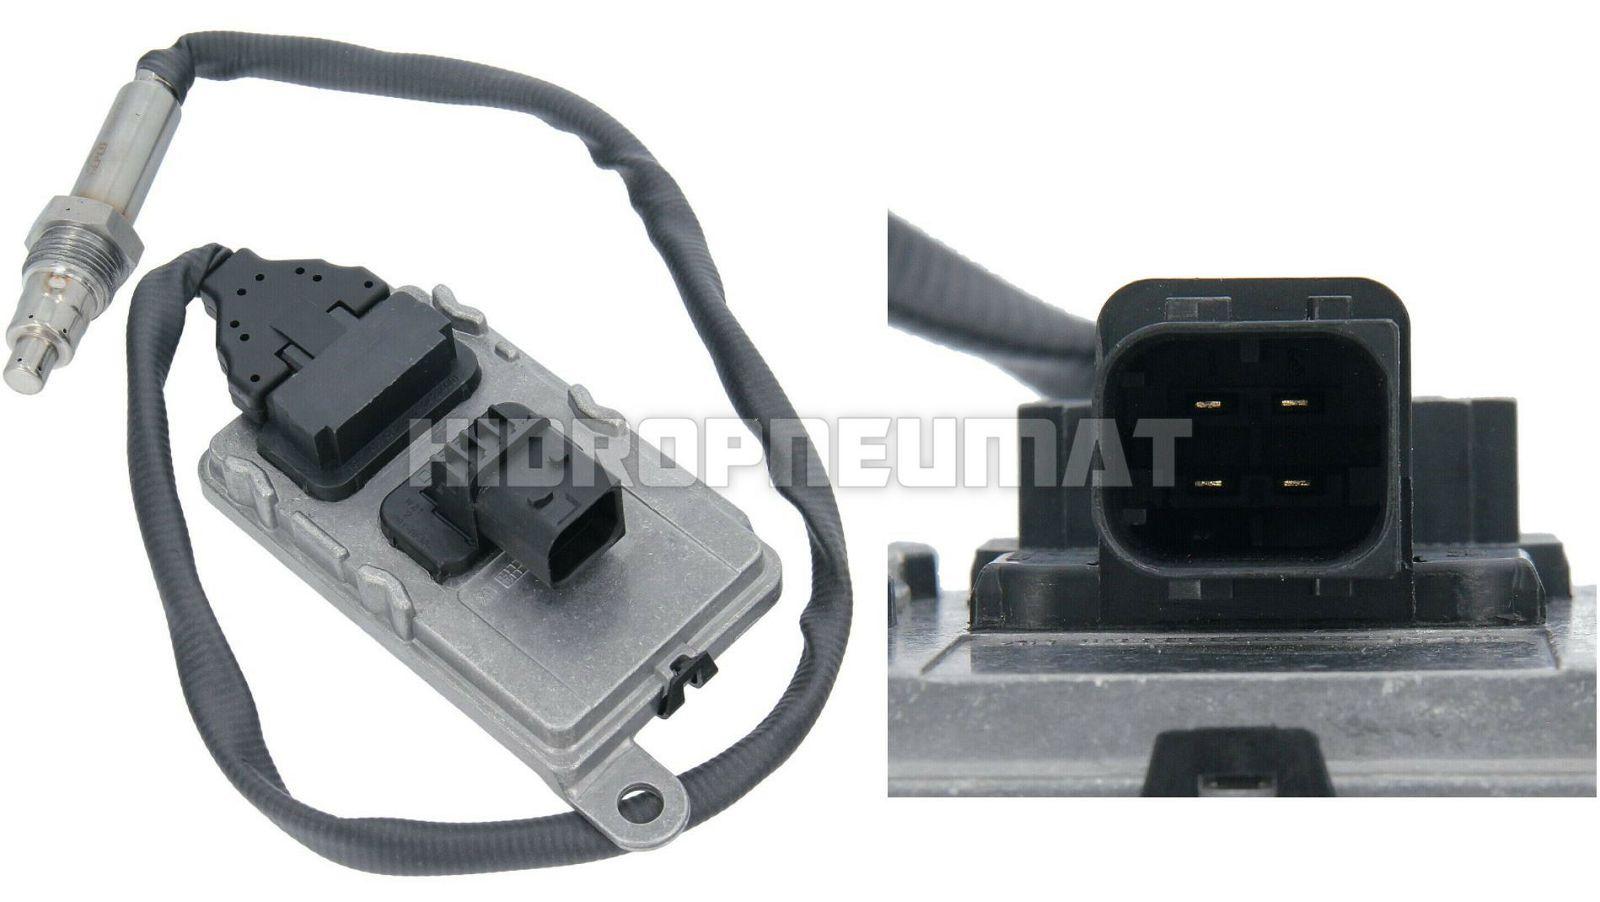 nox-senzor-prije-katalizatora-daf-xf106-euro-6-dinex-125427_1.jpg